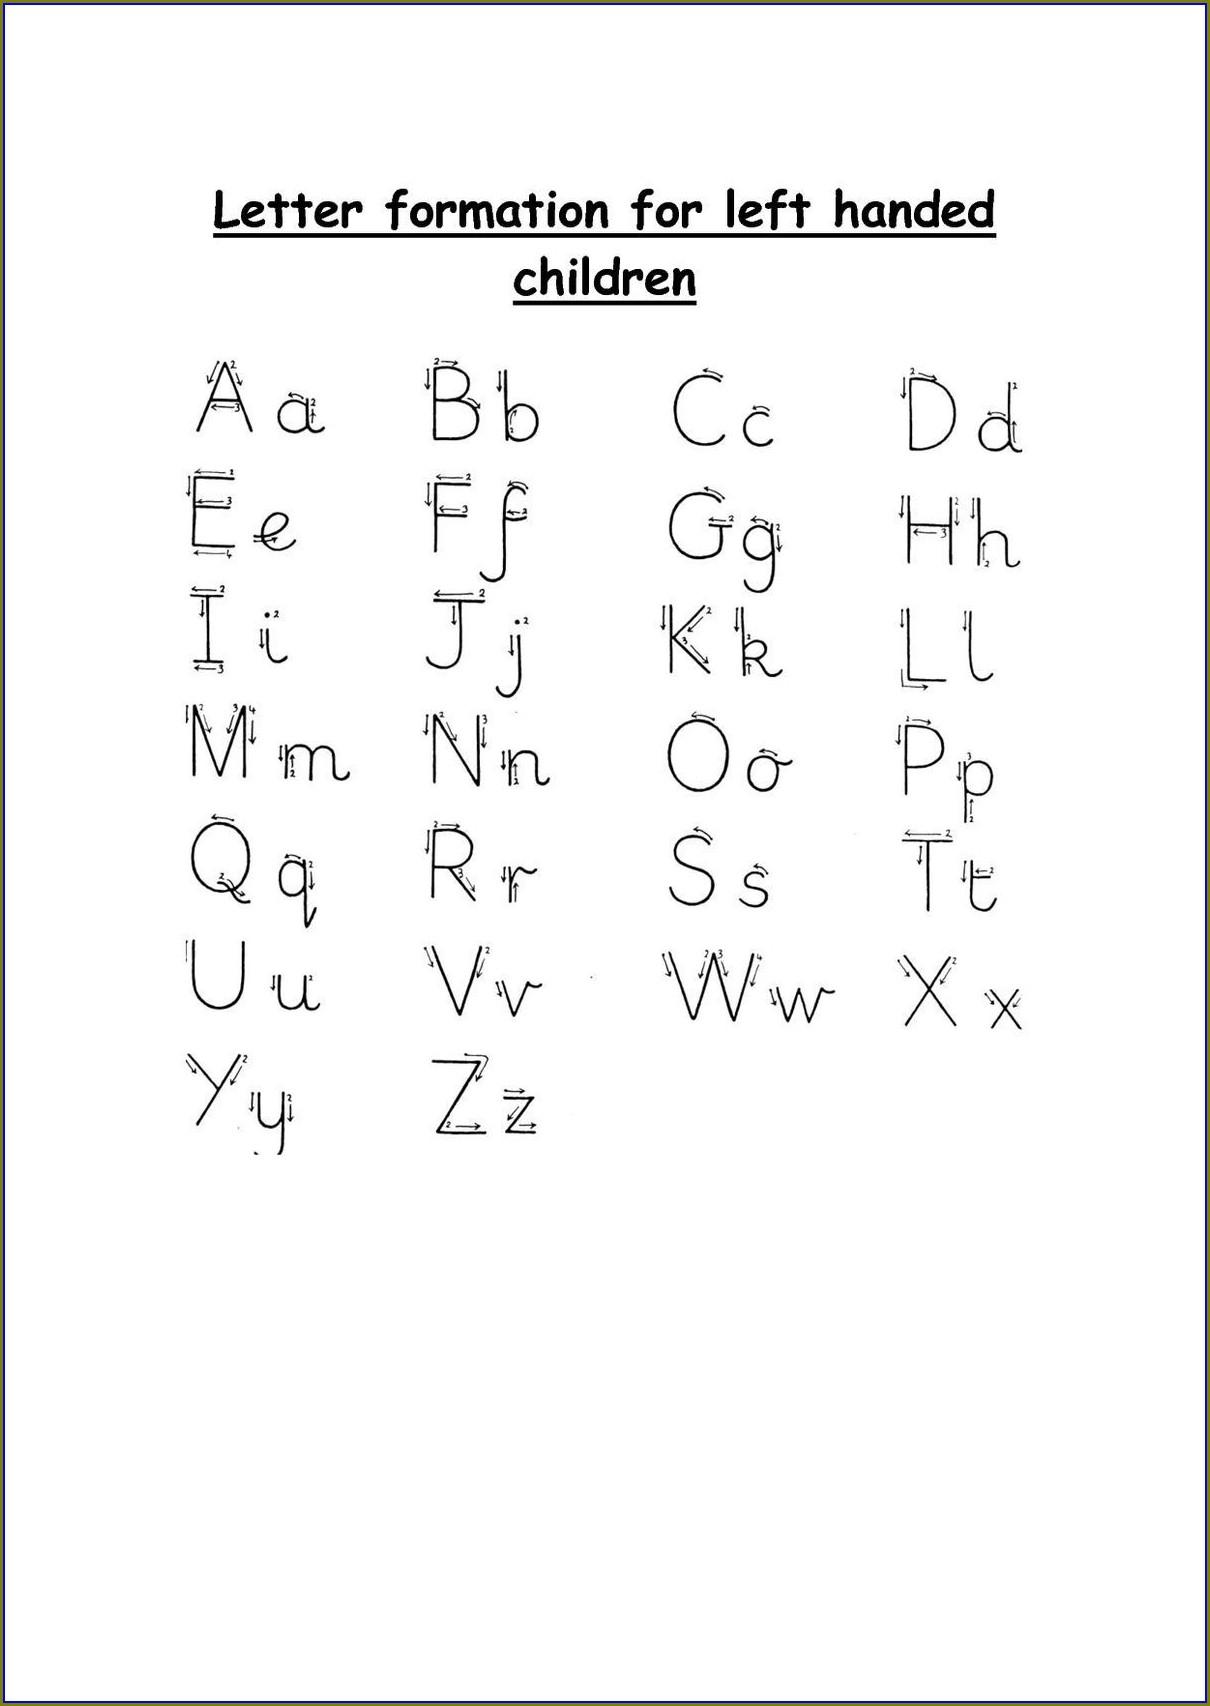 Cursive Writing Worksheets For Left Handed